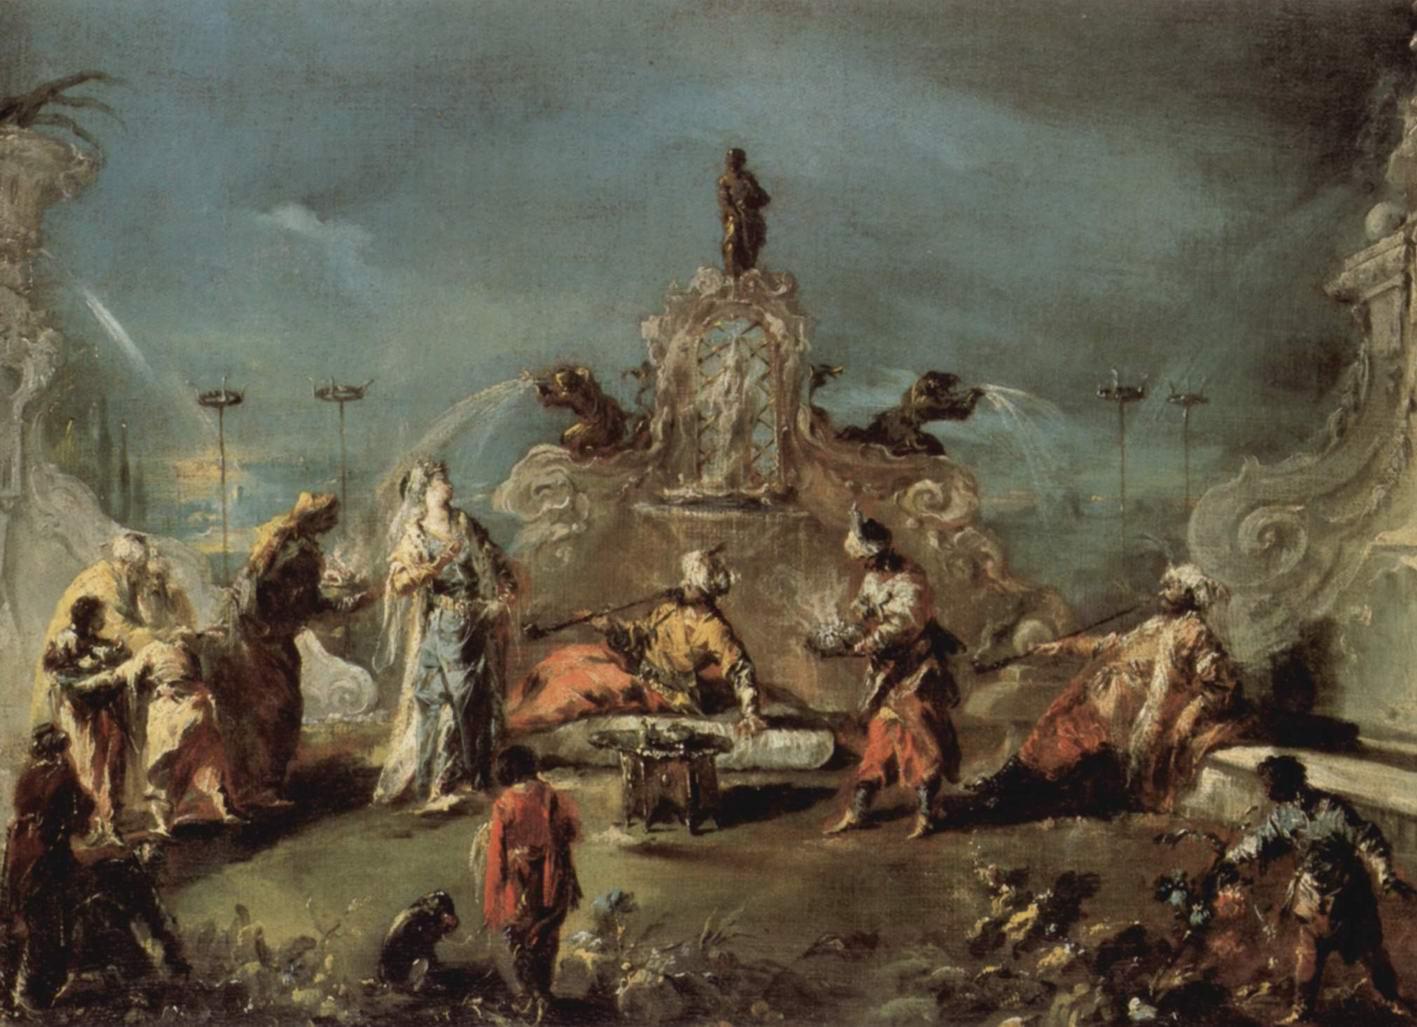 Сцена в саду сераля, Джованни Антонио Гварди